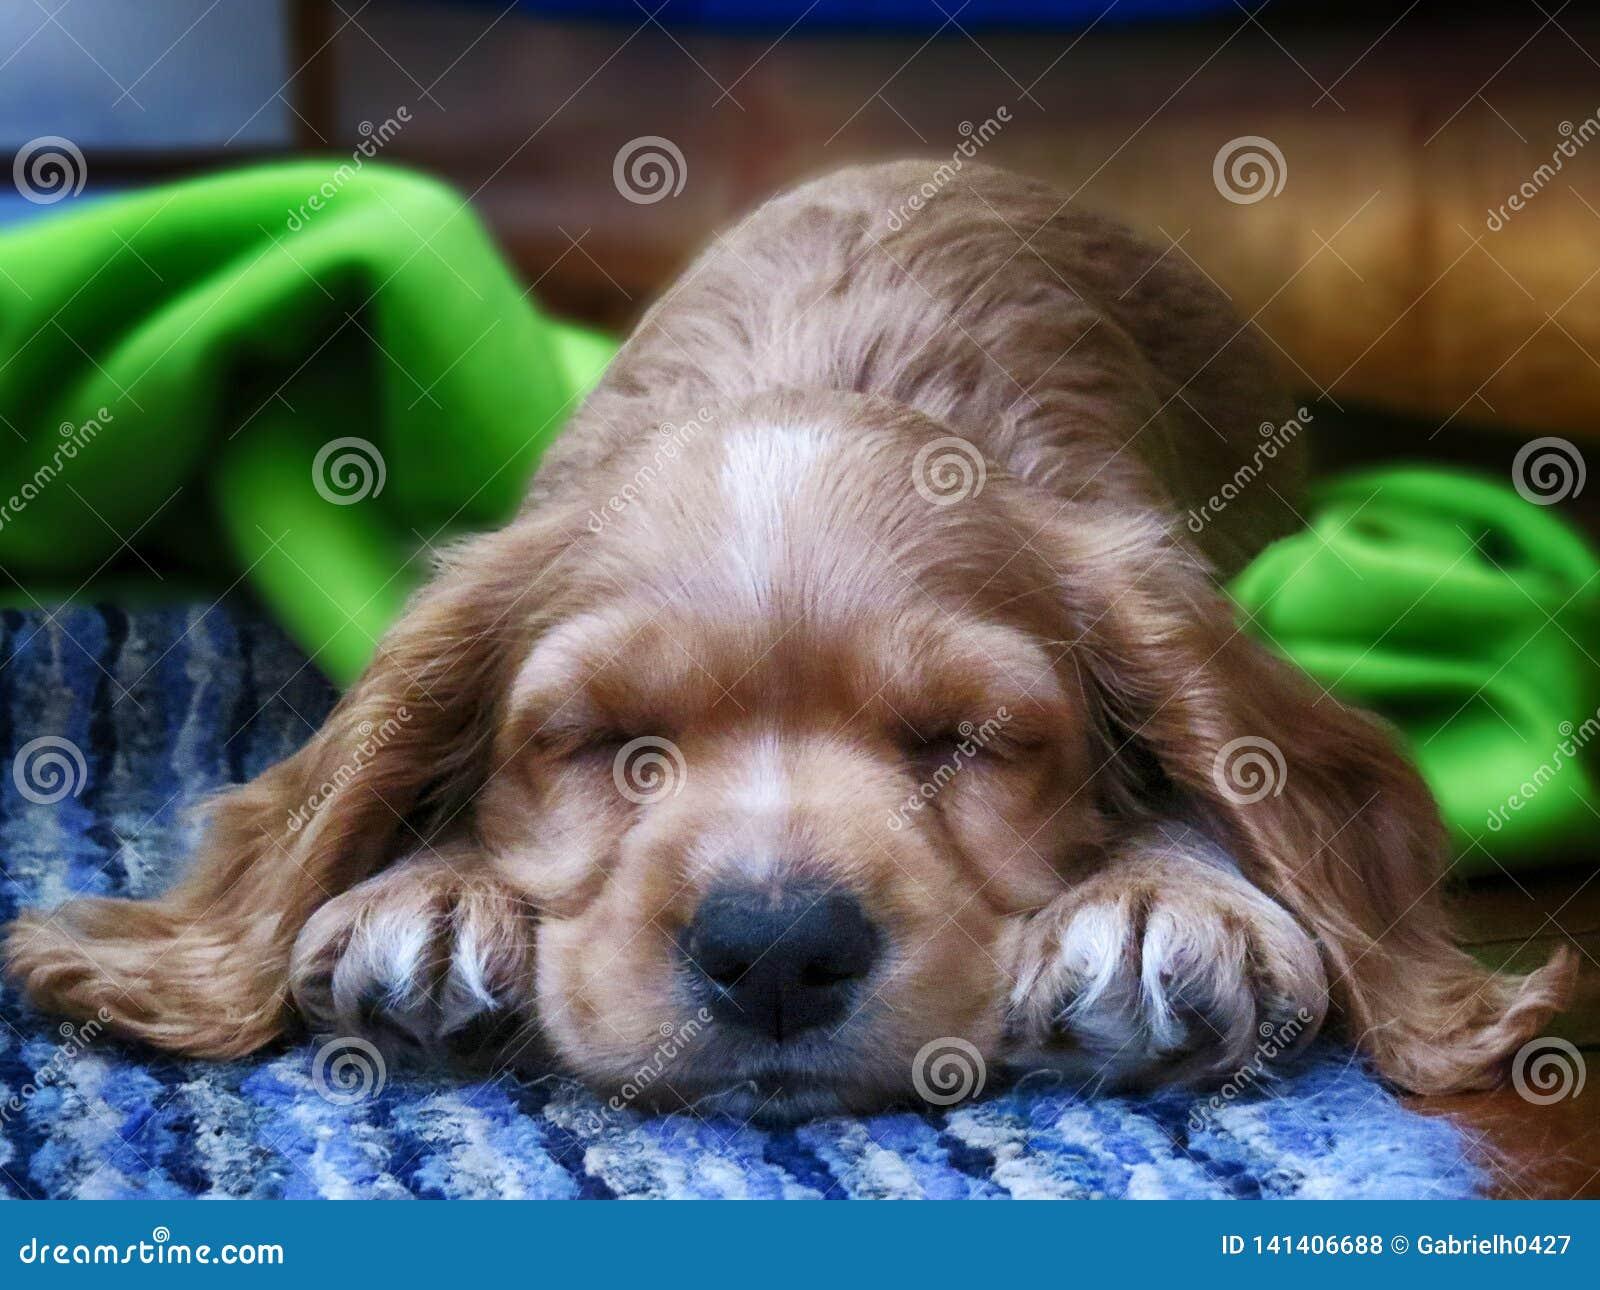 Wenig Gold-cocker spaniel-Hund, der auf einem blauen Teppich schläft